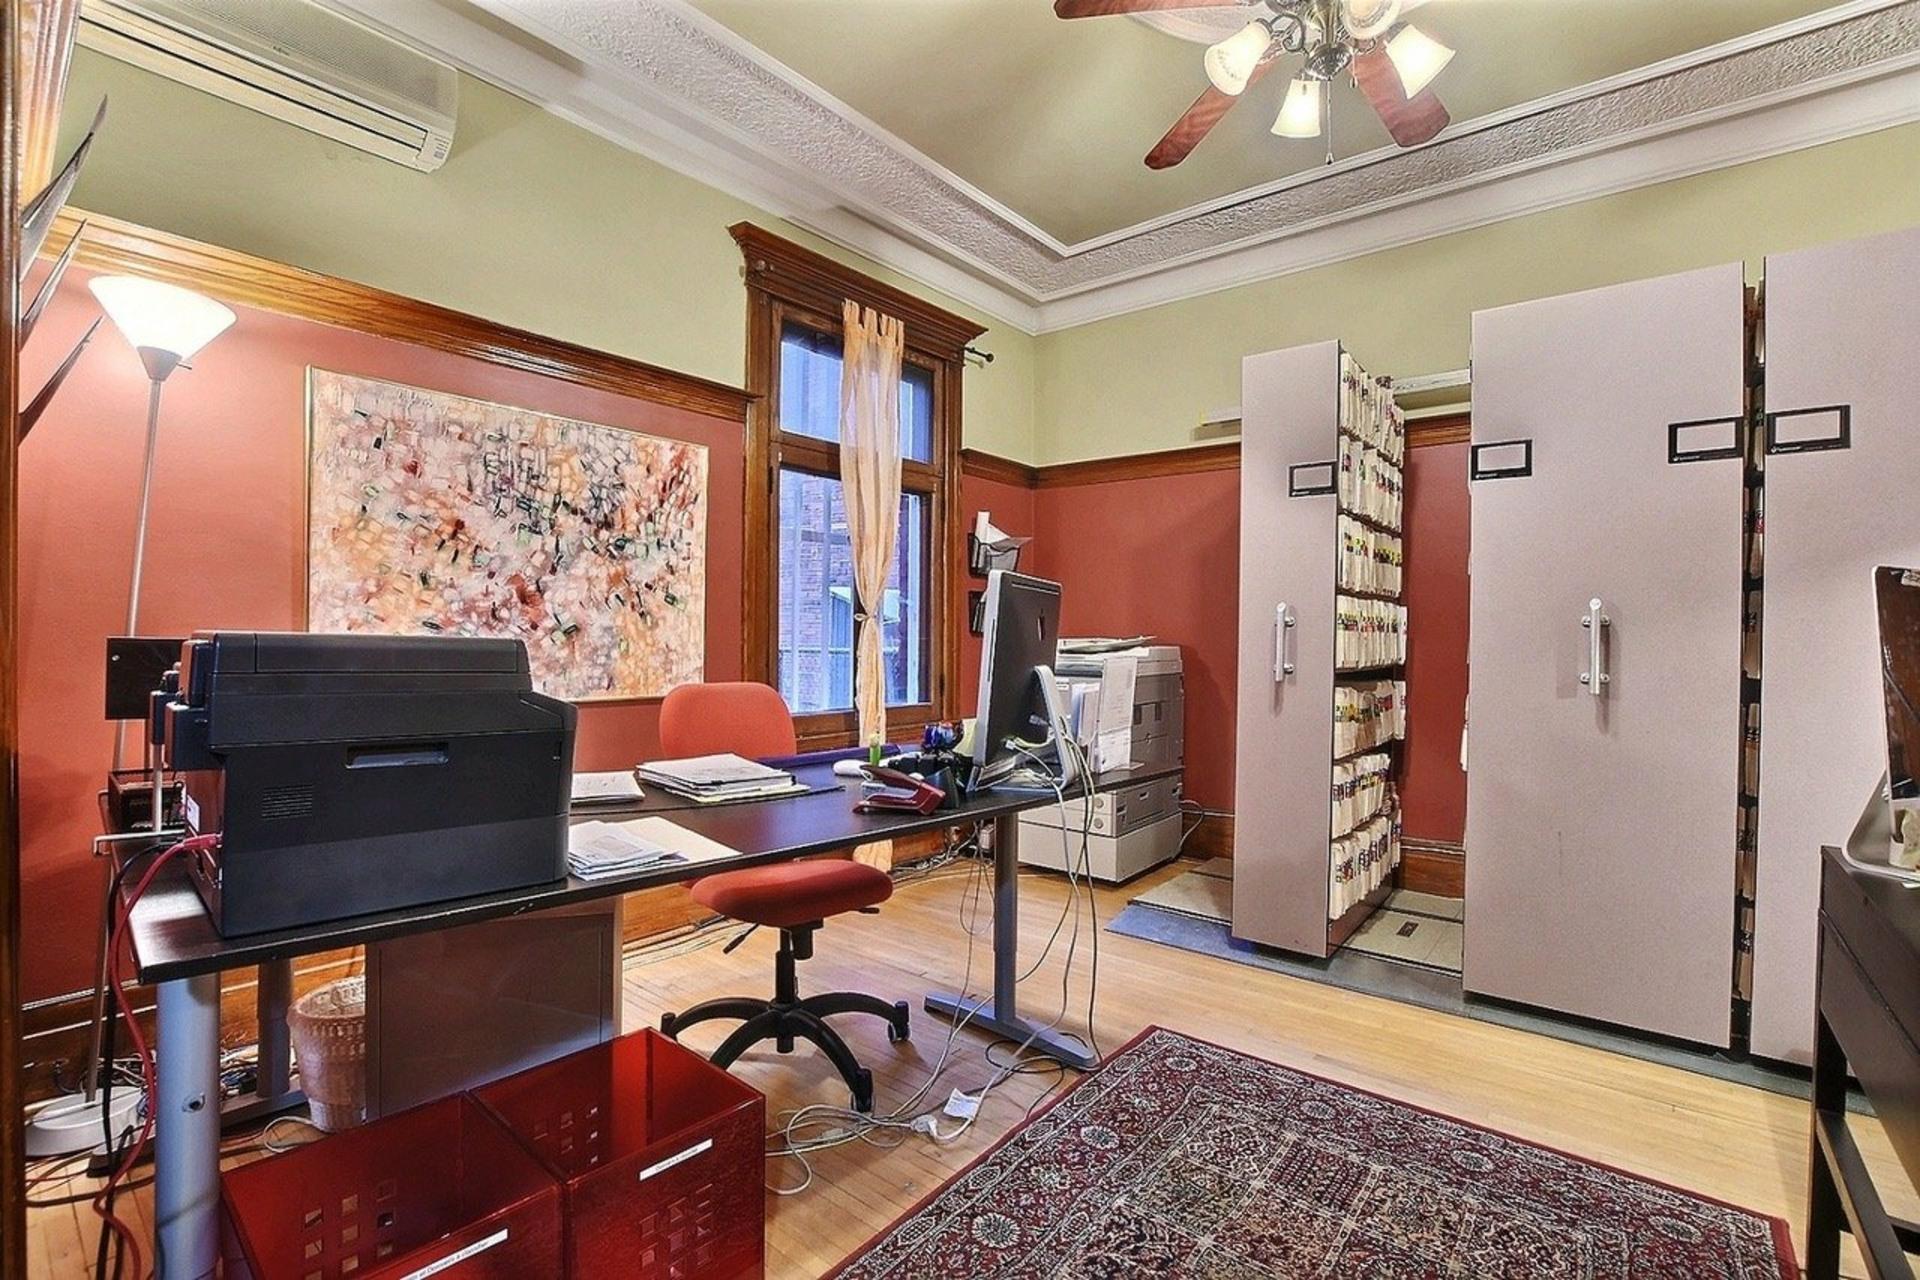 image 4 - Immeuble à revenus À vendre Le Plateau-Mont-Royal Montréal  - 4 pièces